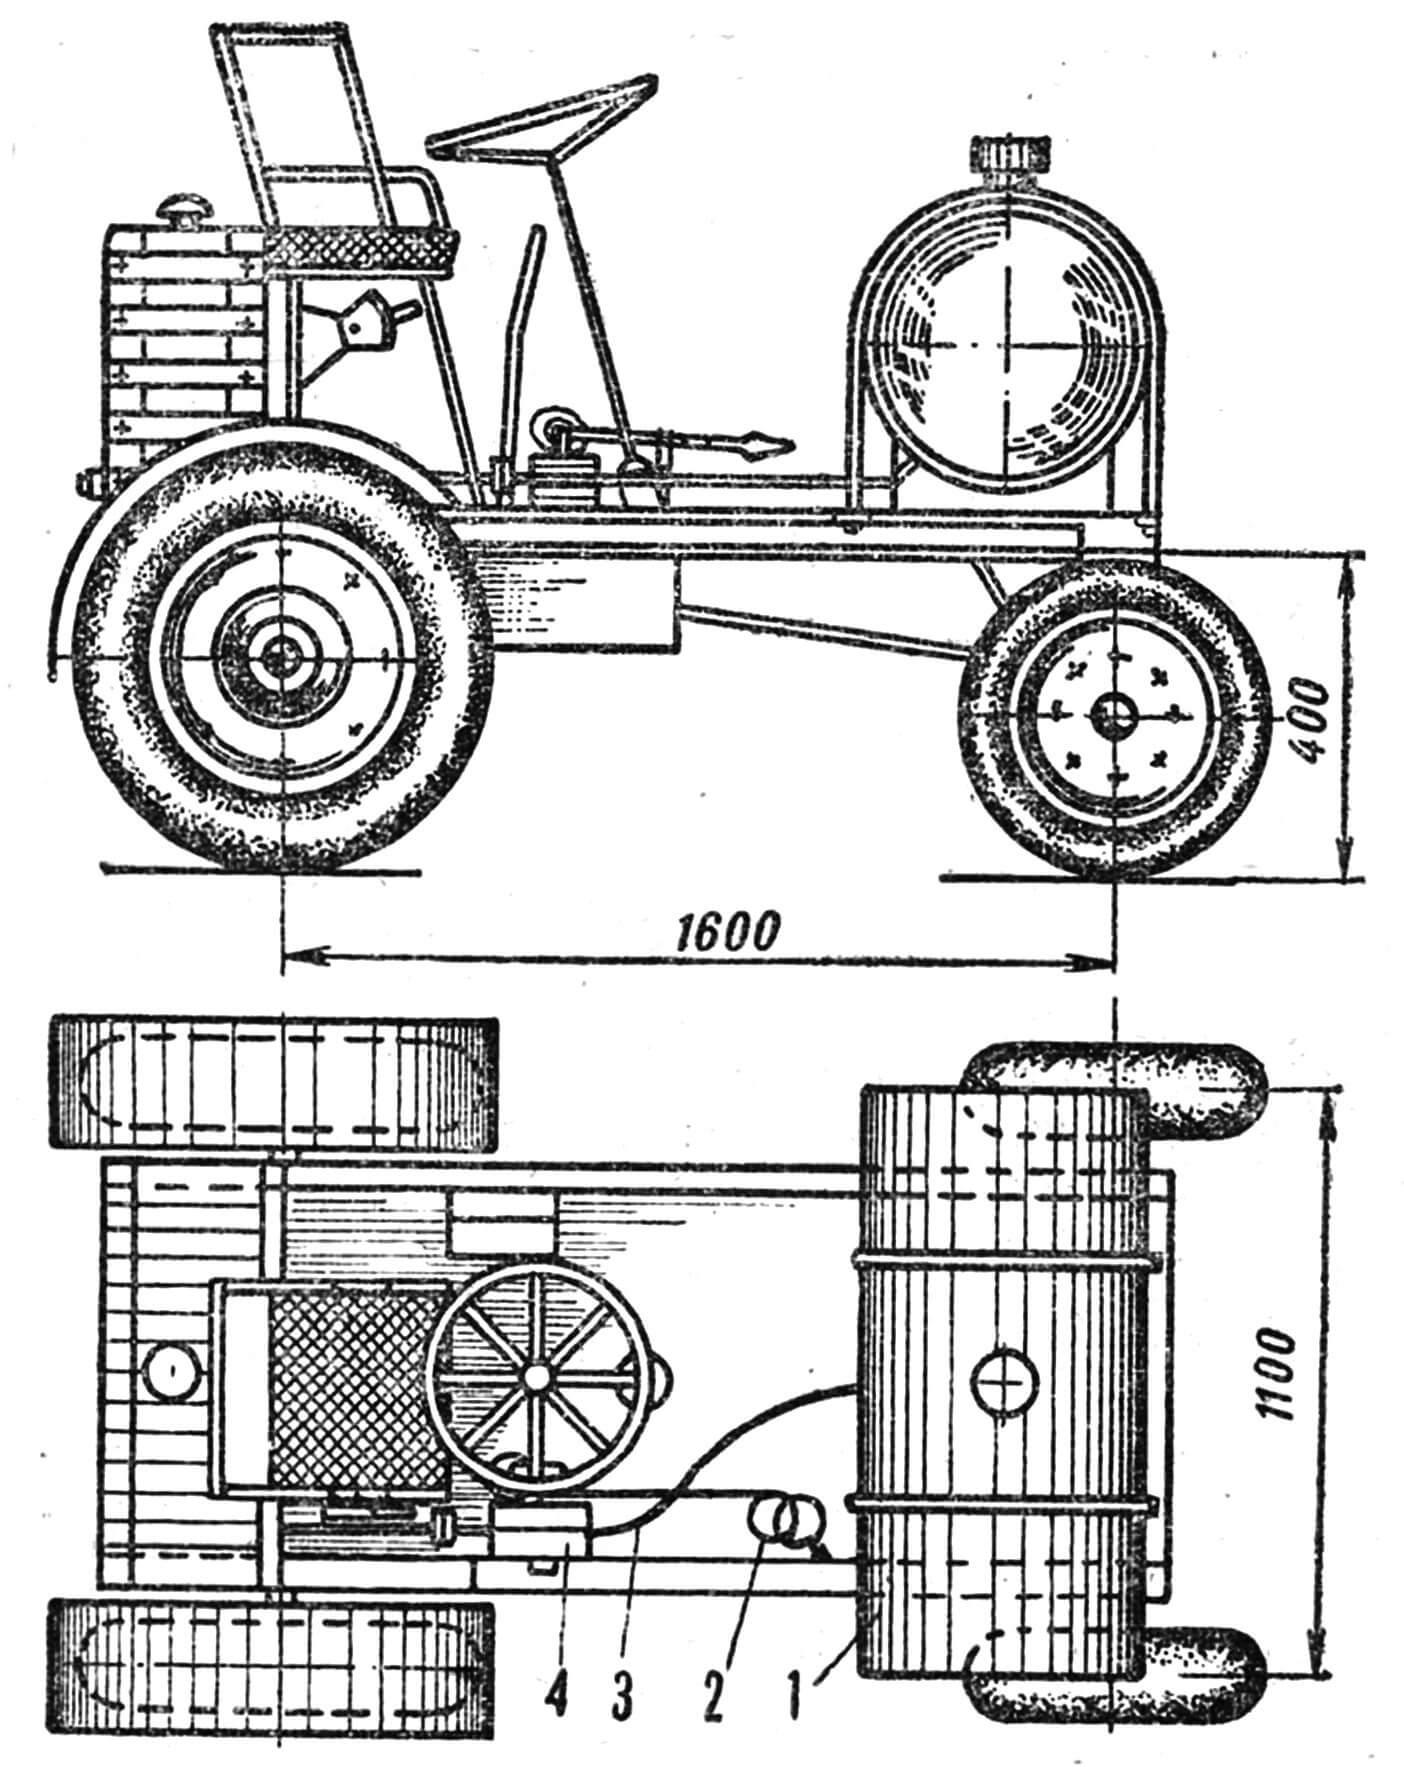 Рис. 2. Самоходный поливальный агрегат: 1 — бак, 2— нагнетательный шланг, 3 — всасывающий шланг, 4 — шестеренчатый насос.